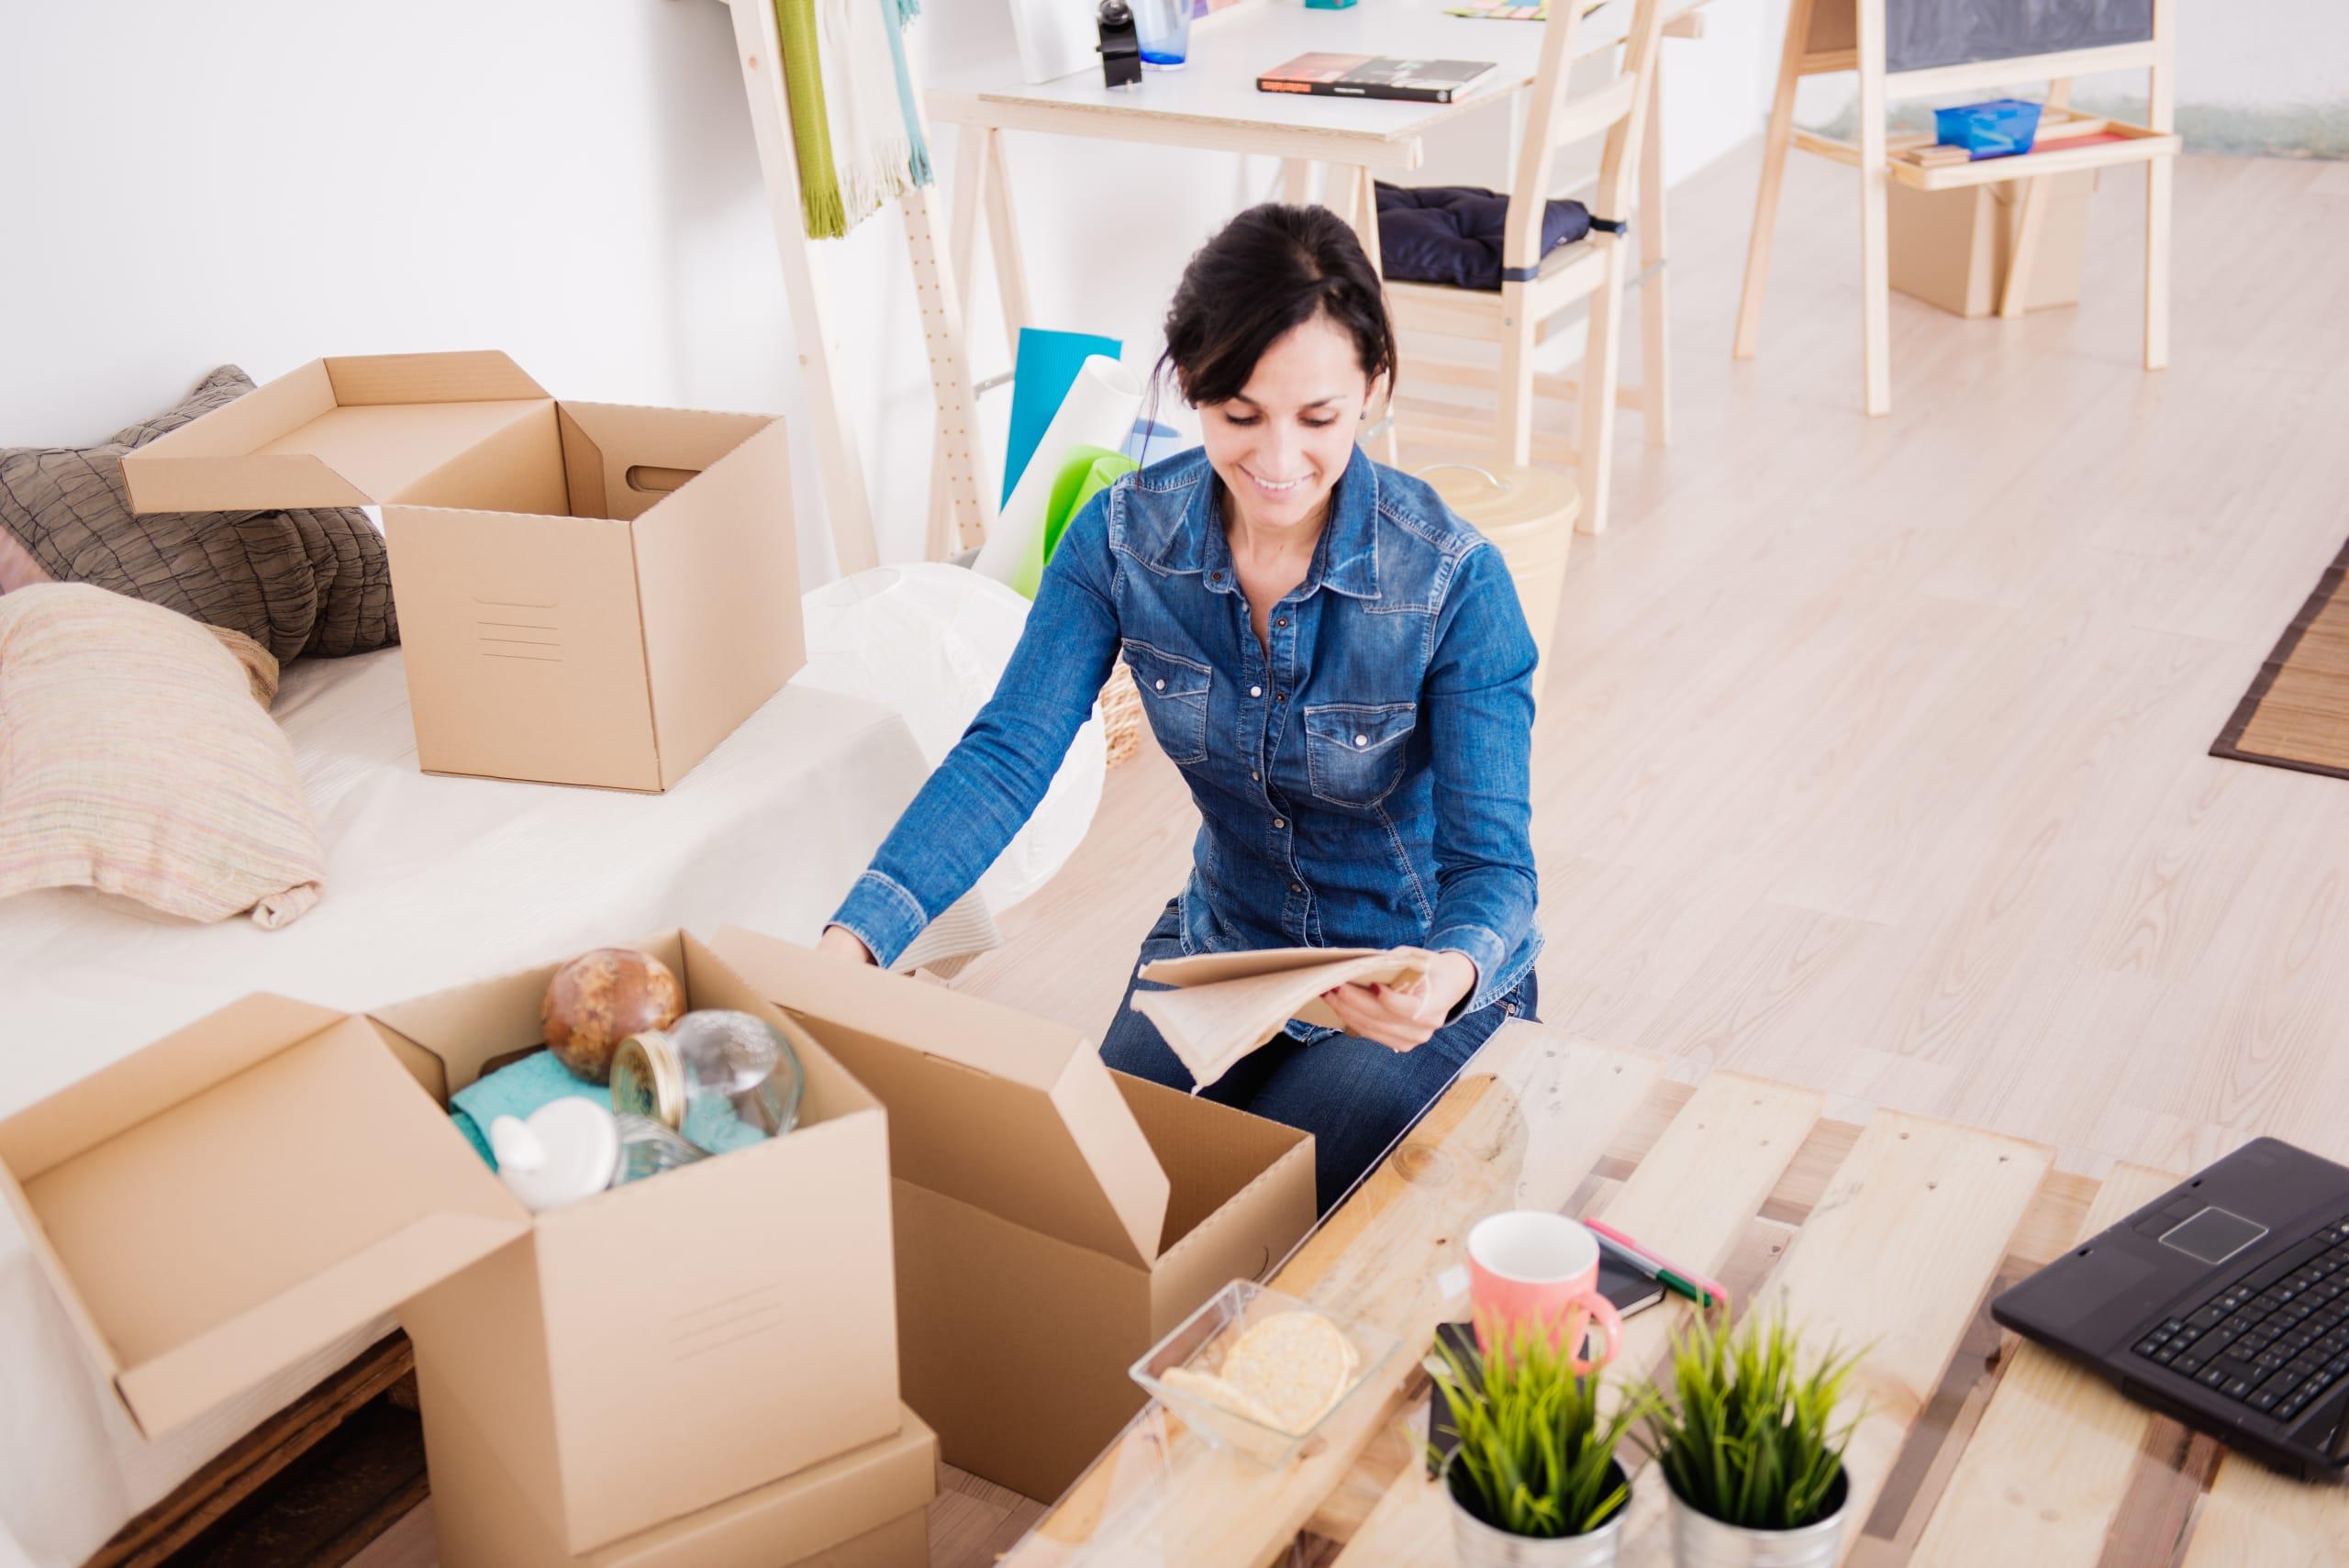 Make unpacking easy